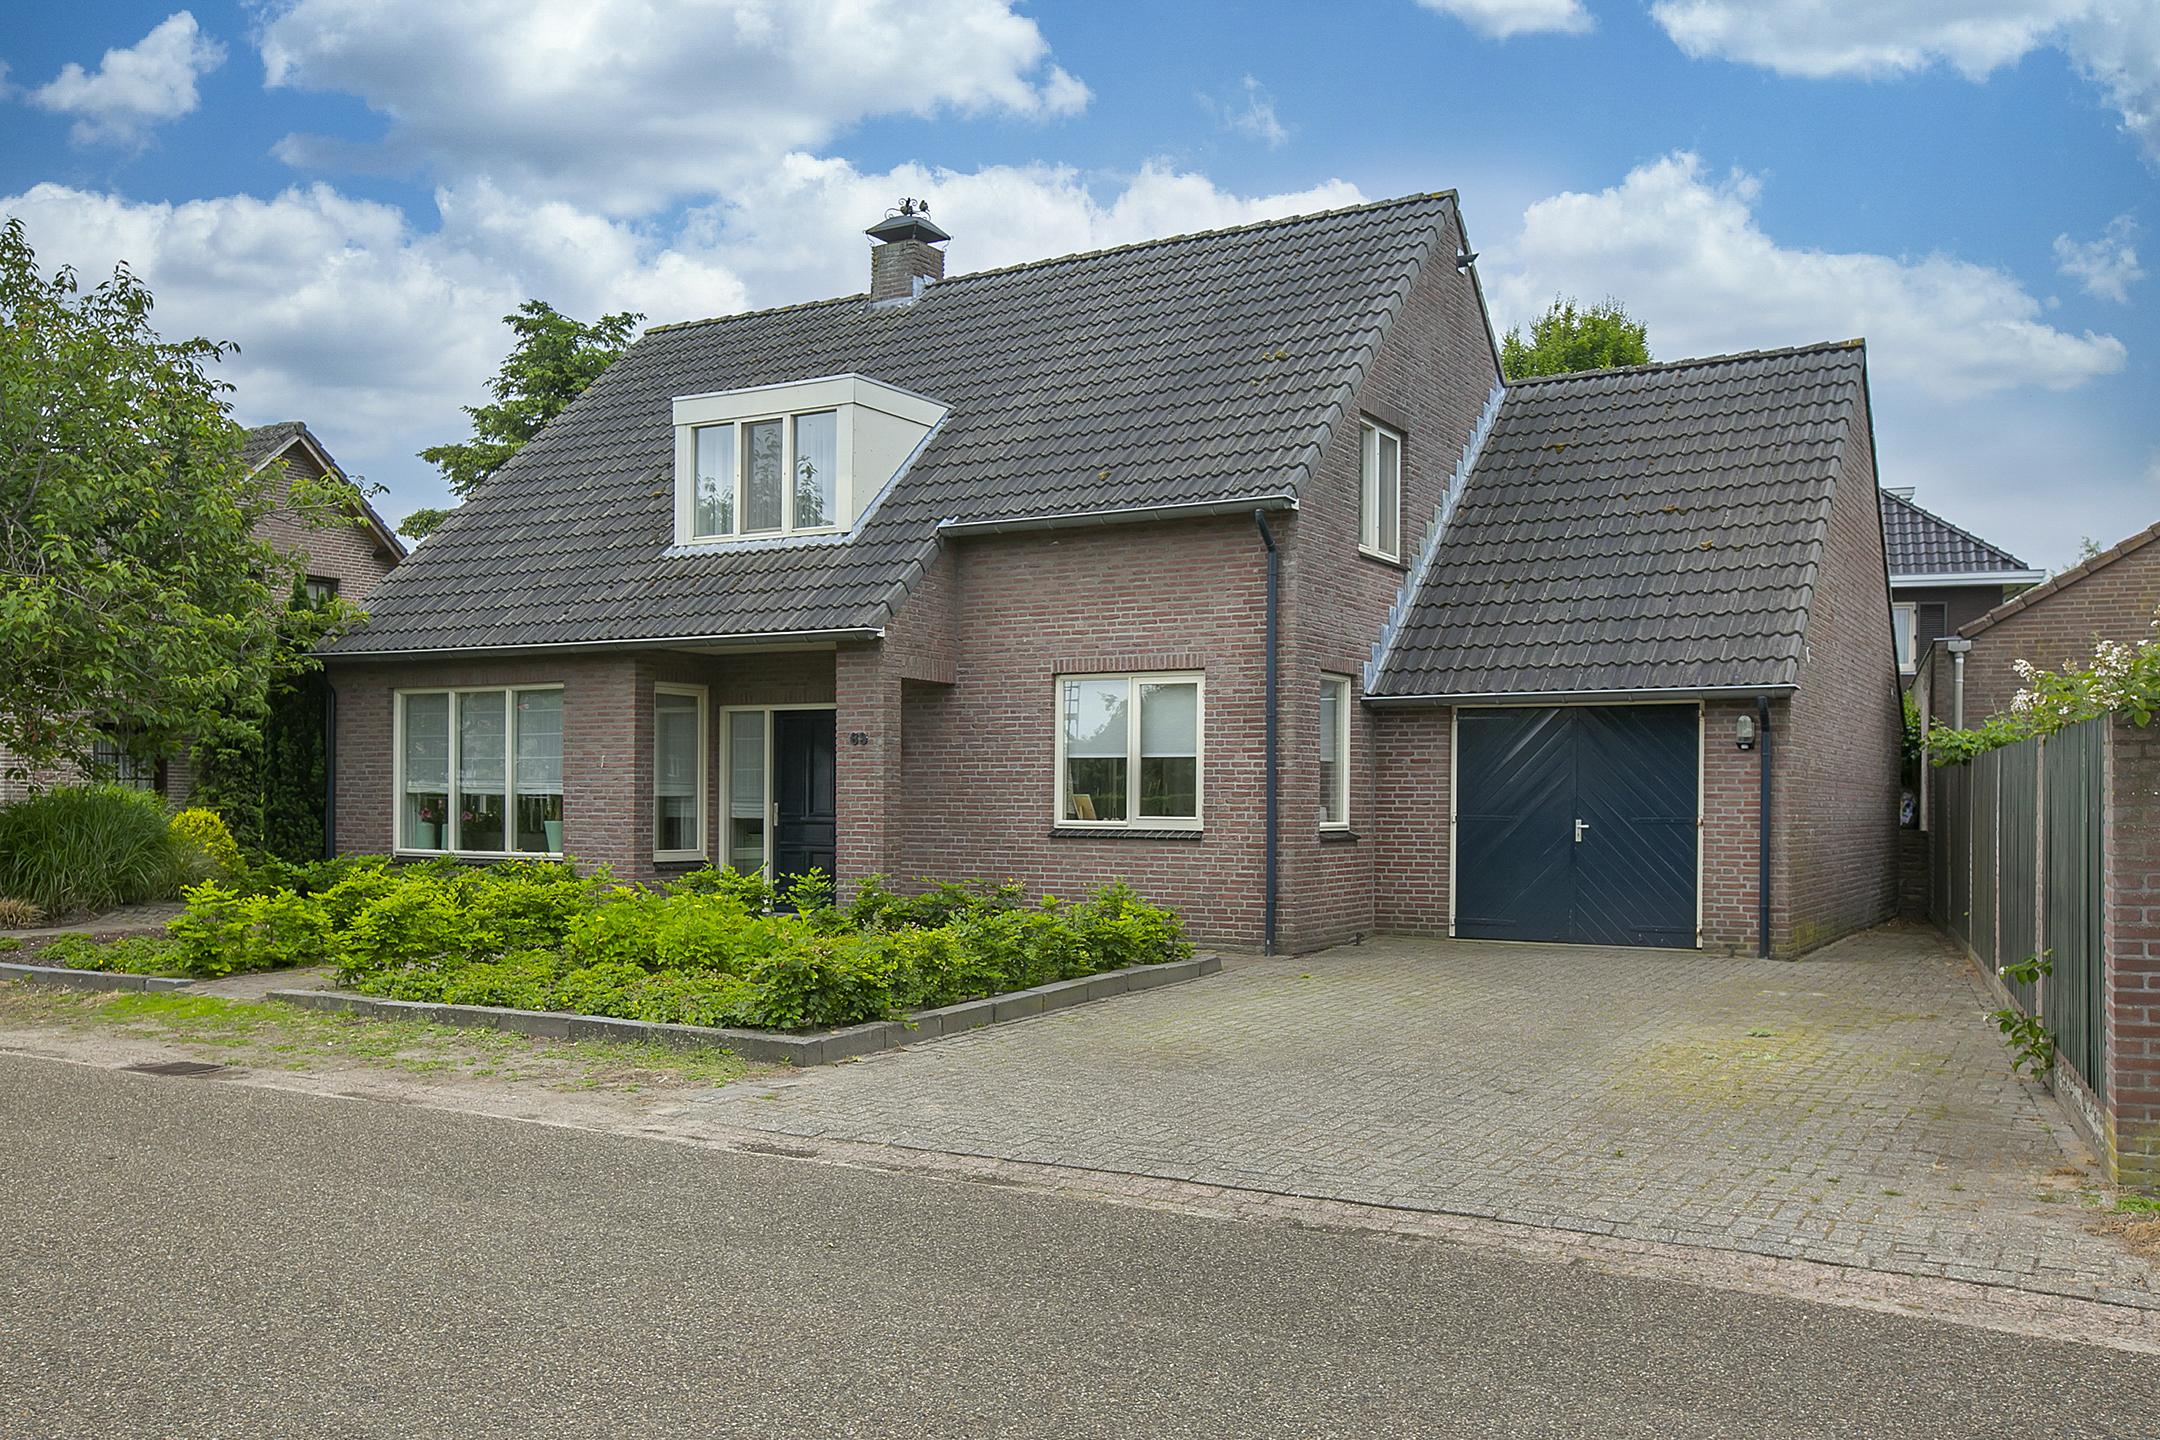 Van Steenhuijsstraat 69, oploo